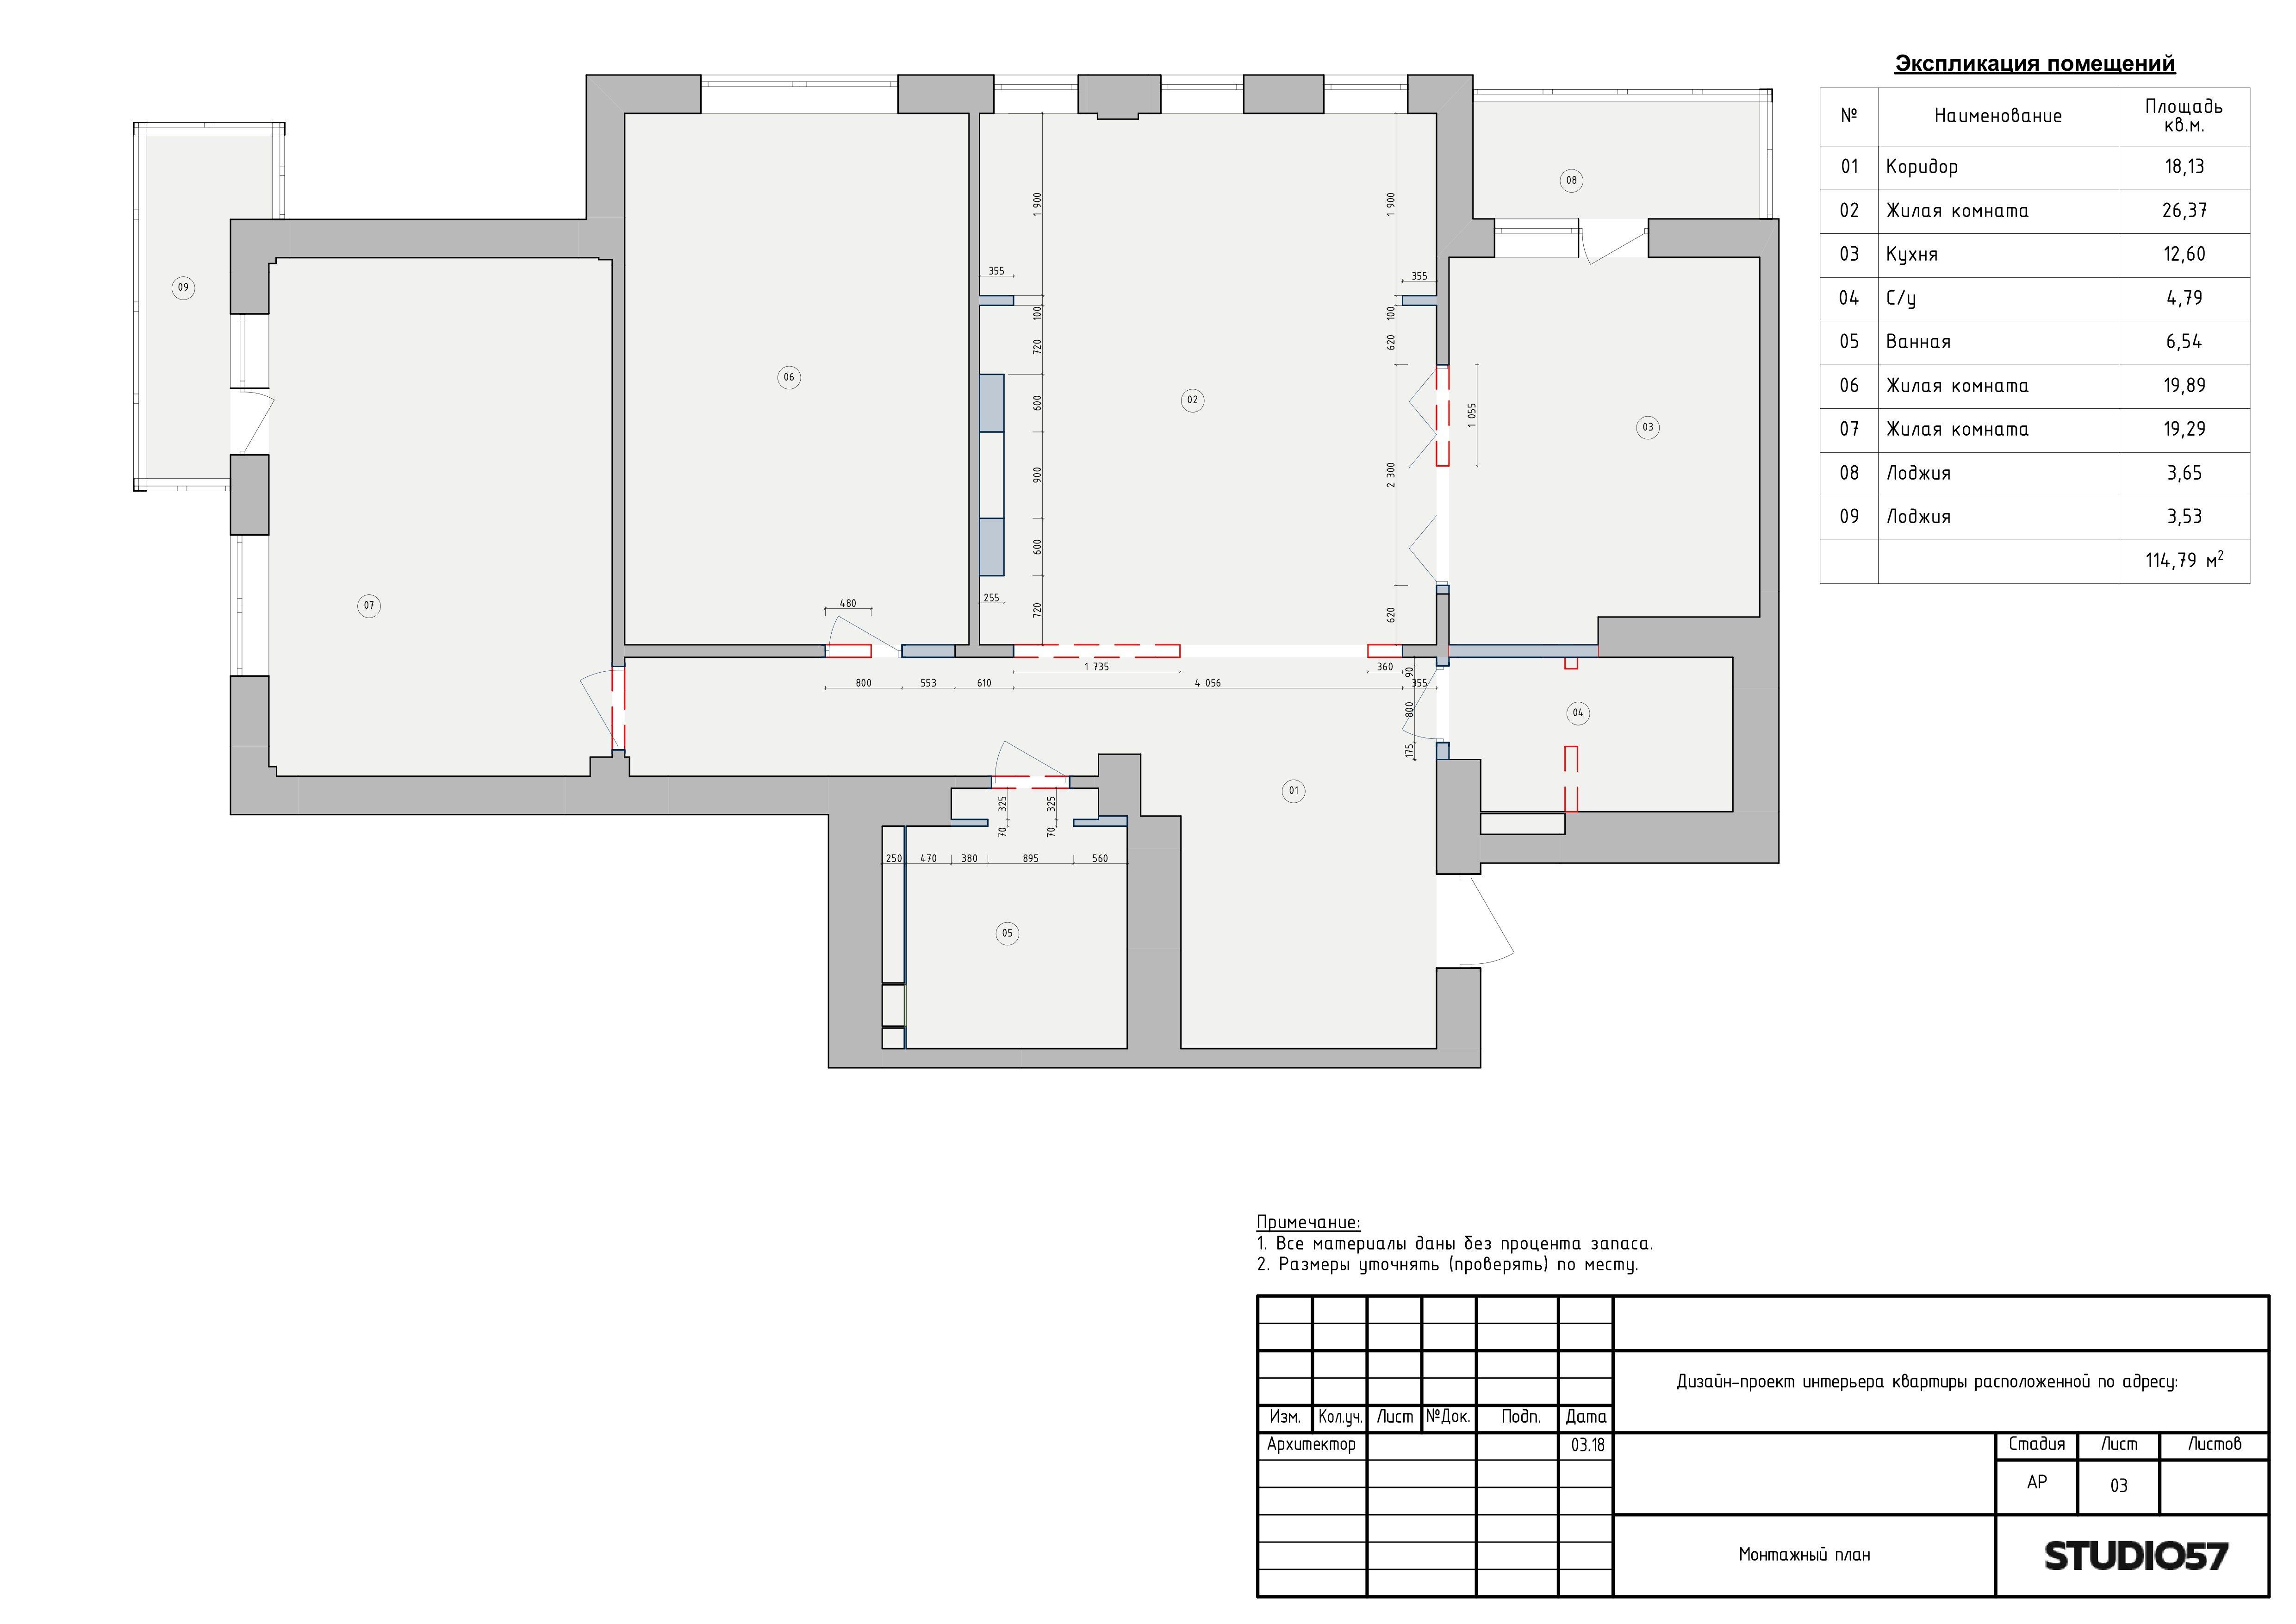 Как выглядит план монтажа конструкций